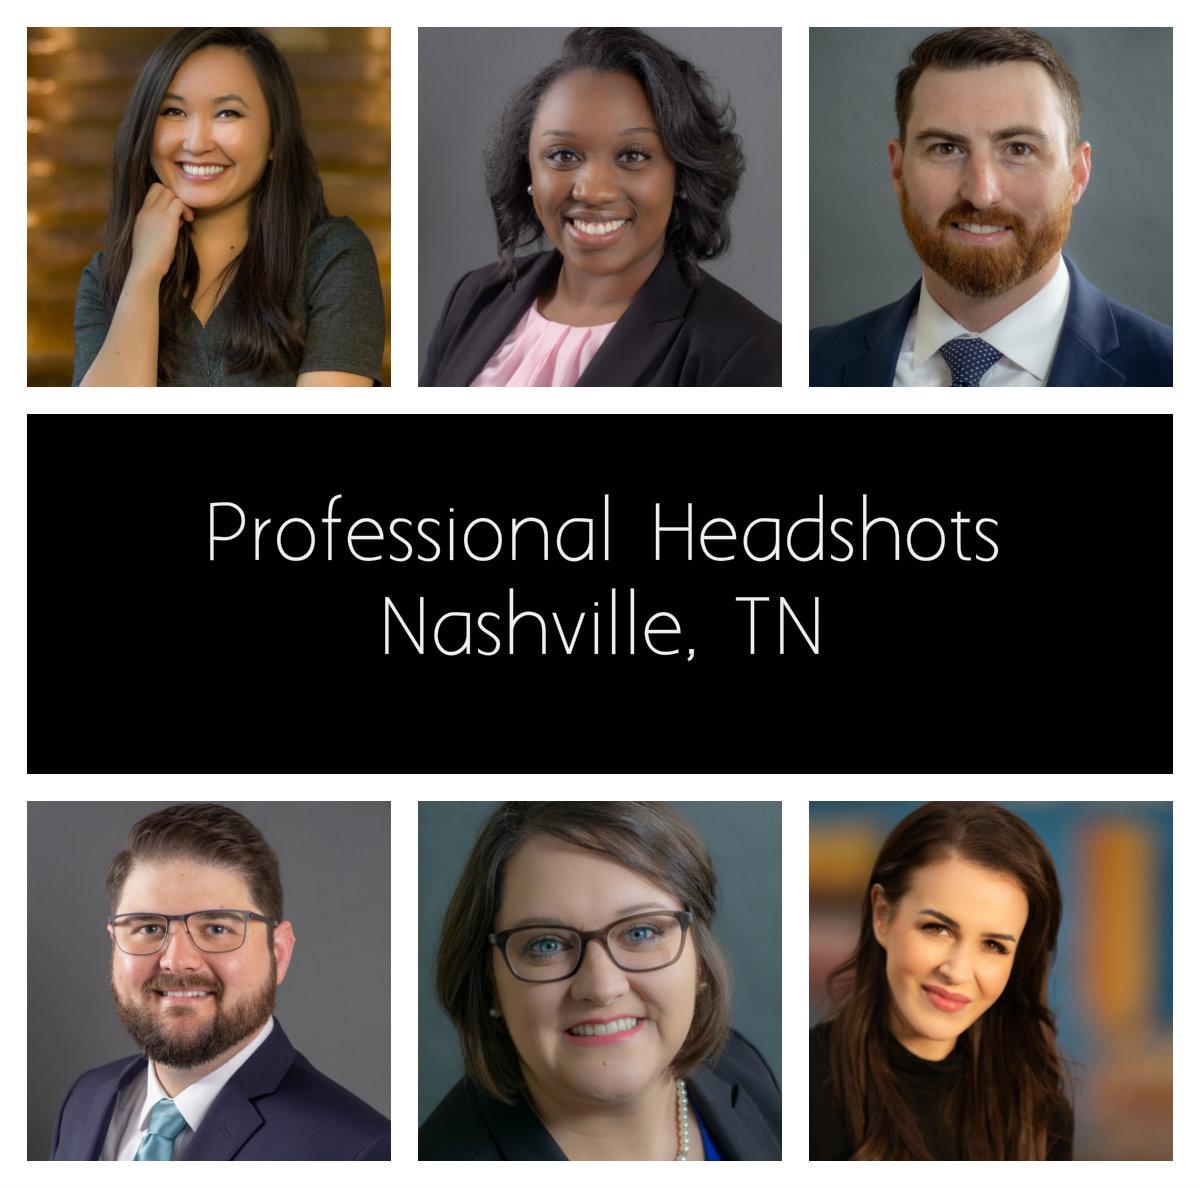 Professional Headshots Nashville, TN